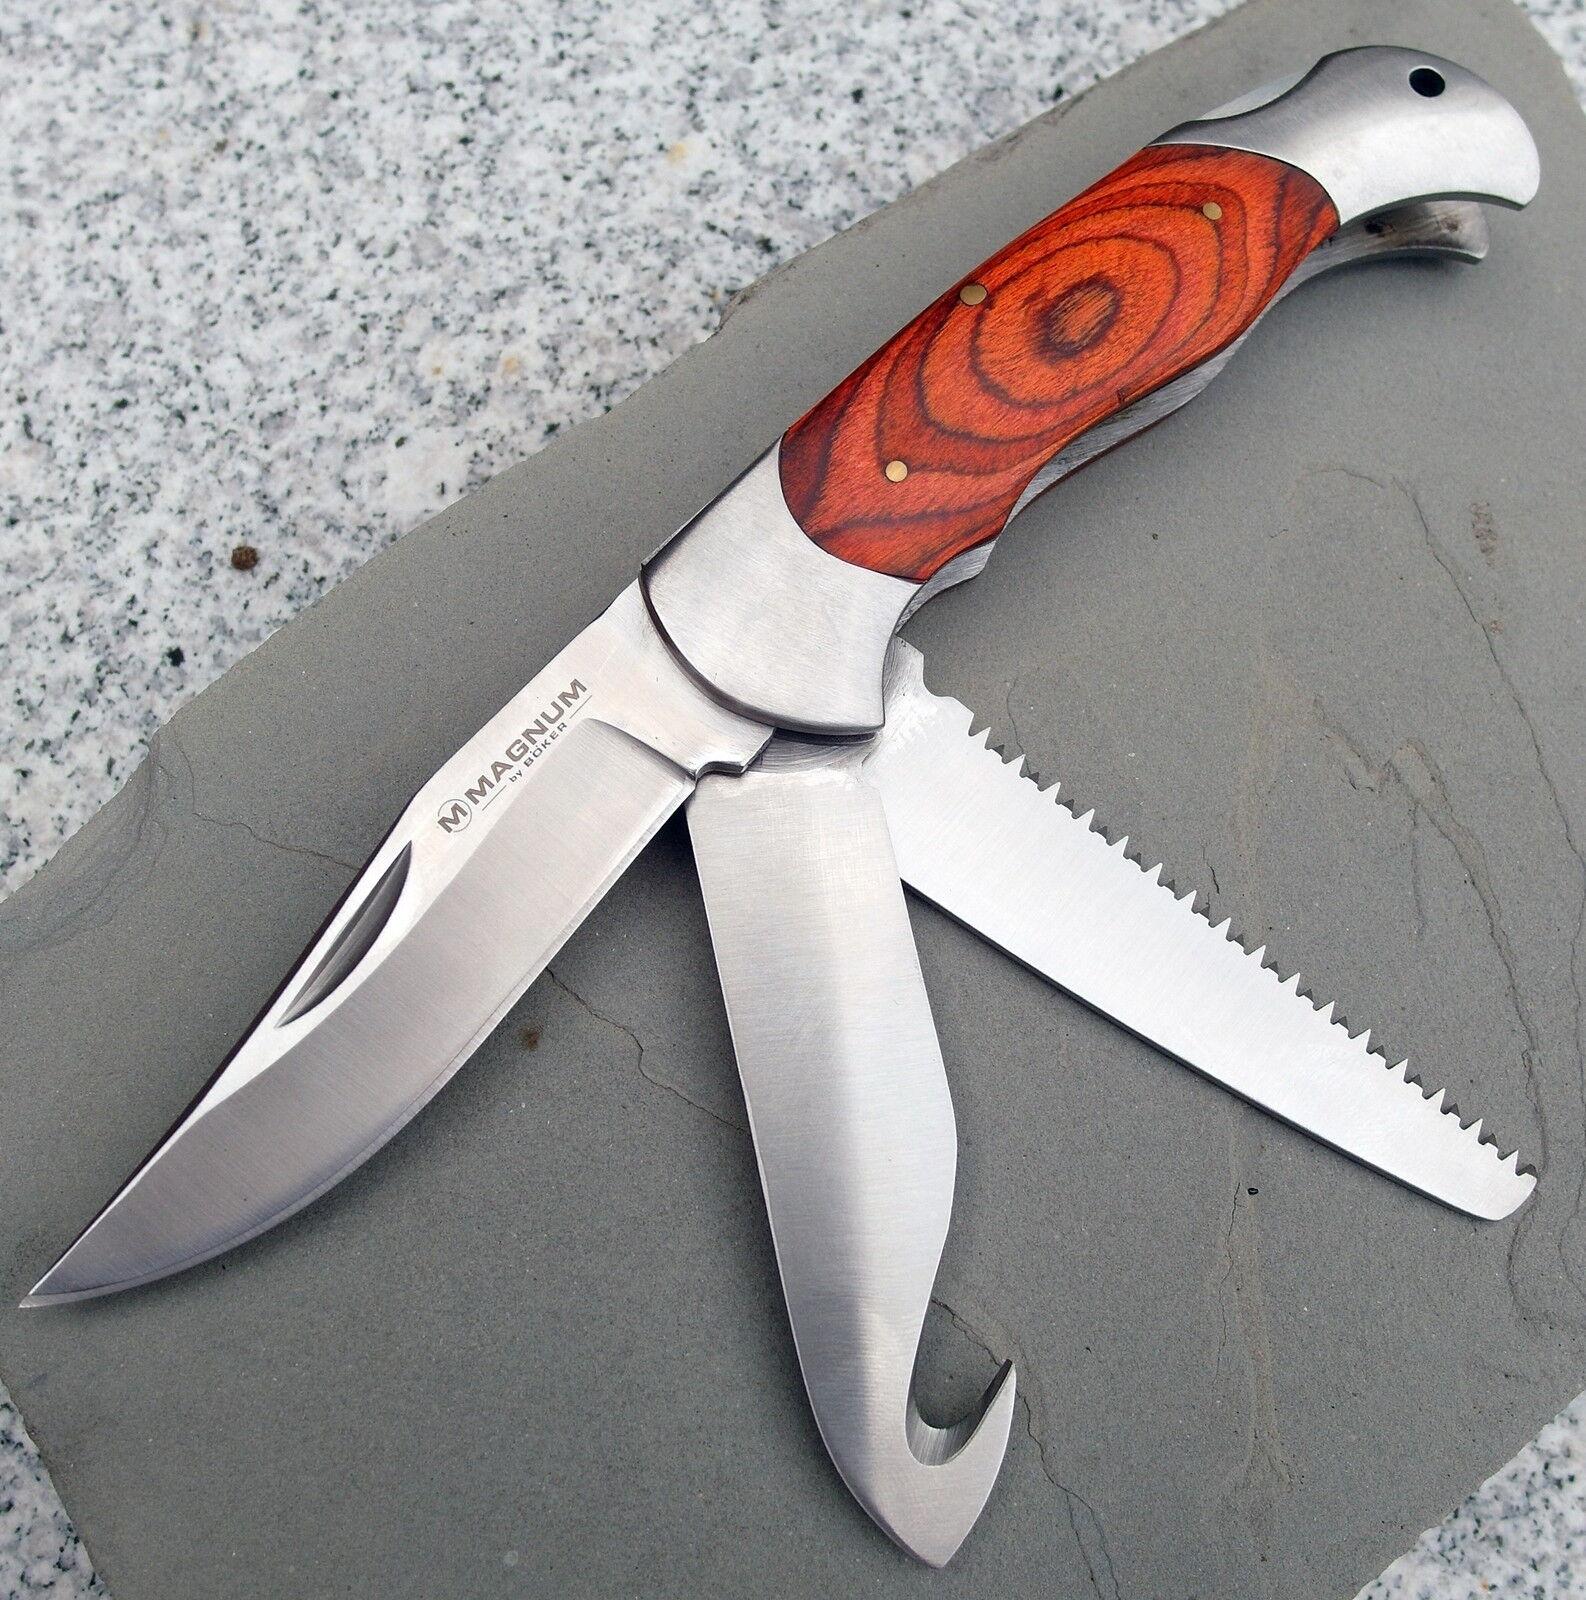 NEU  BÖKER  Magnum Classic Hunter Messer - Taschenmesser - Jagdmesser - 01MB136  | Lebensecht